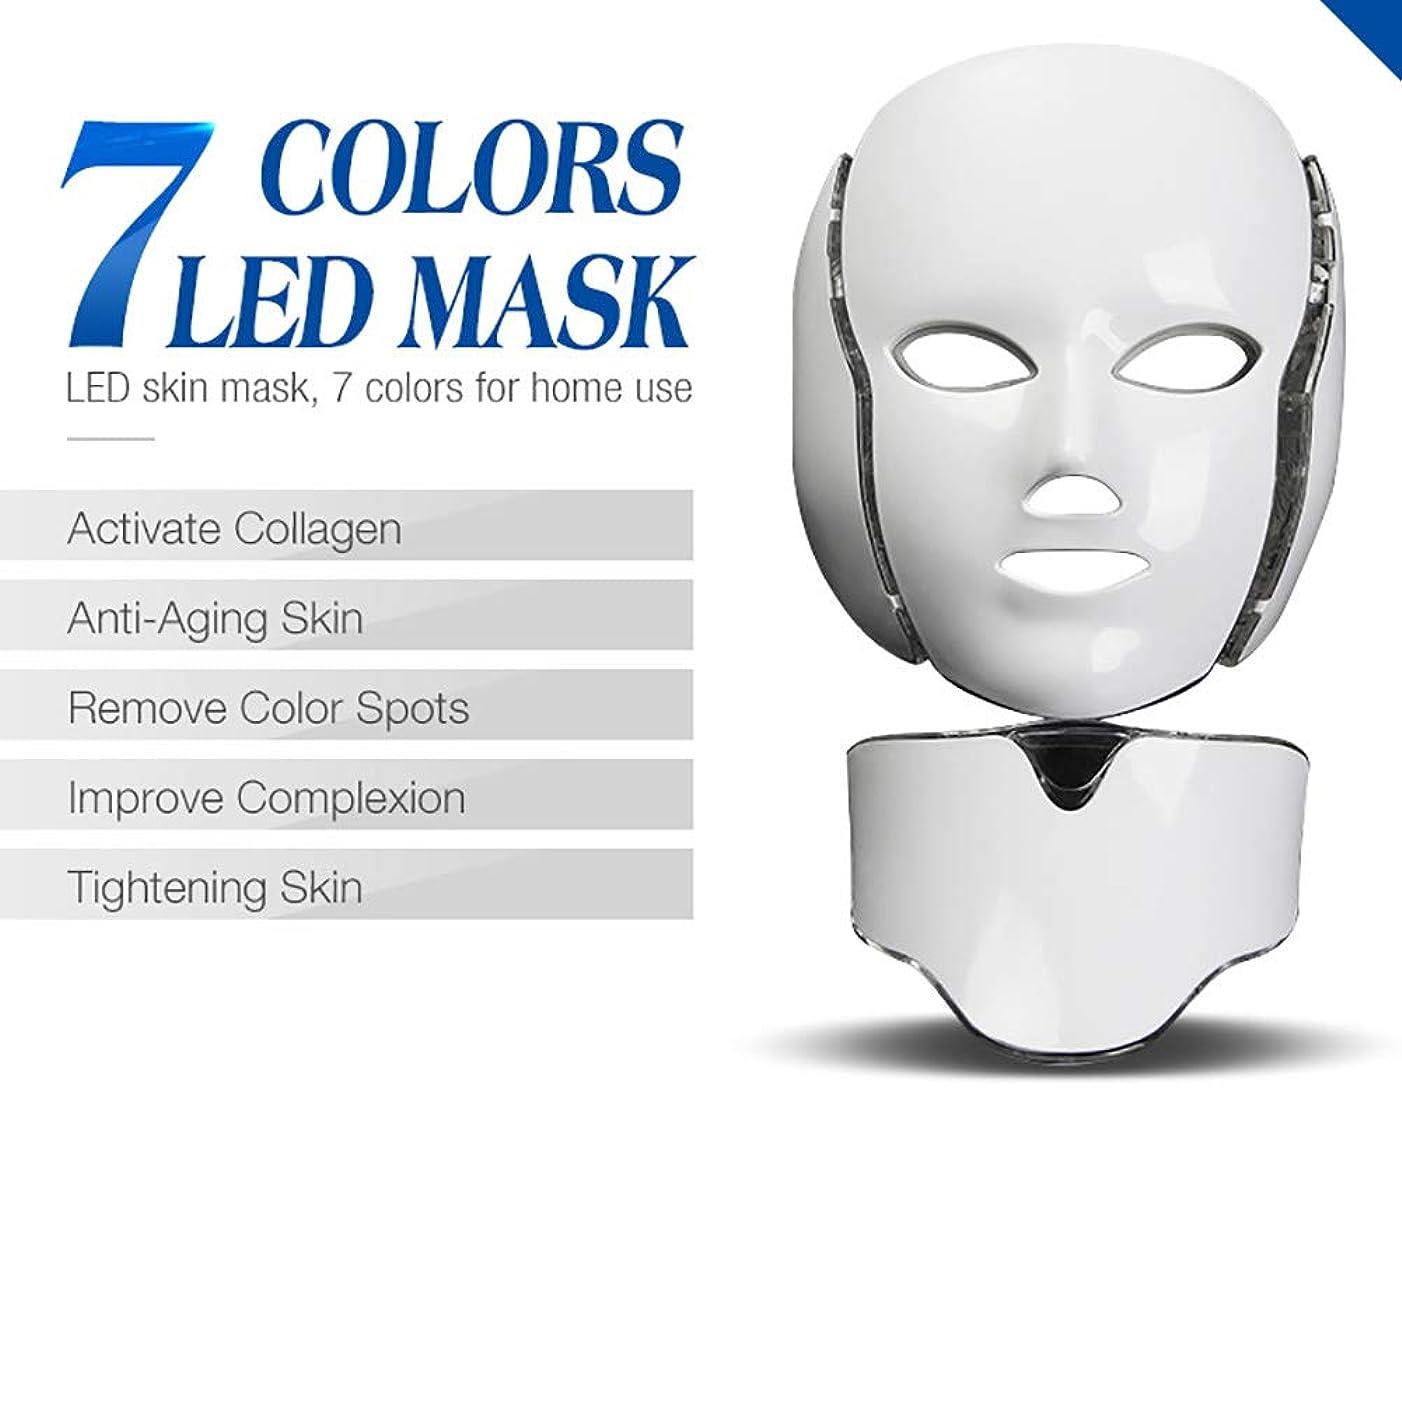 しかしふつう下向き7色ledフェイスマスク、7色電気ledフェイシャルマスク付きネック肌の若返り抗にきびシワ美容トリートメントサロンホームユース